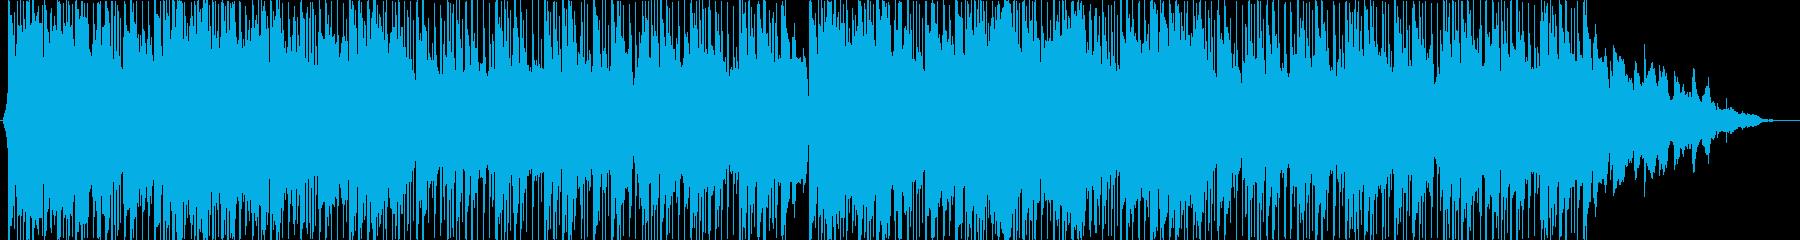 ニューエイジ研究所柔らかく高揚する...の再生済みの波形